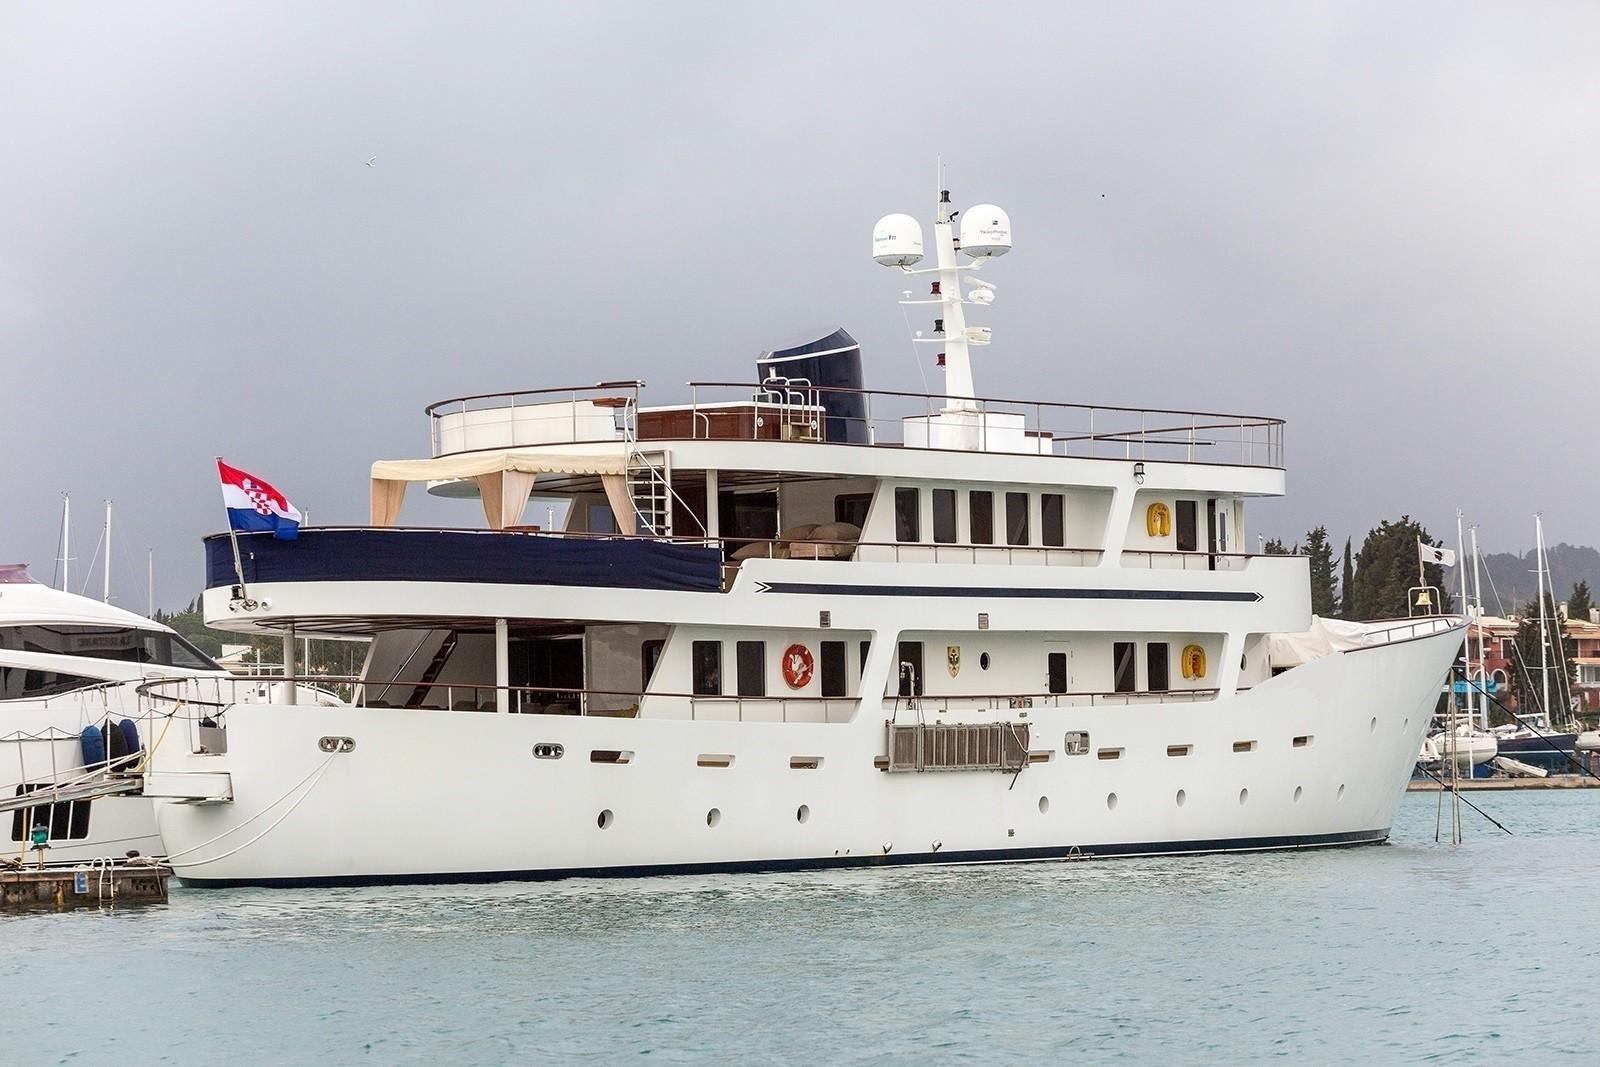 The 39m Yacht DONNA DEL MARE